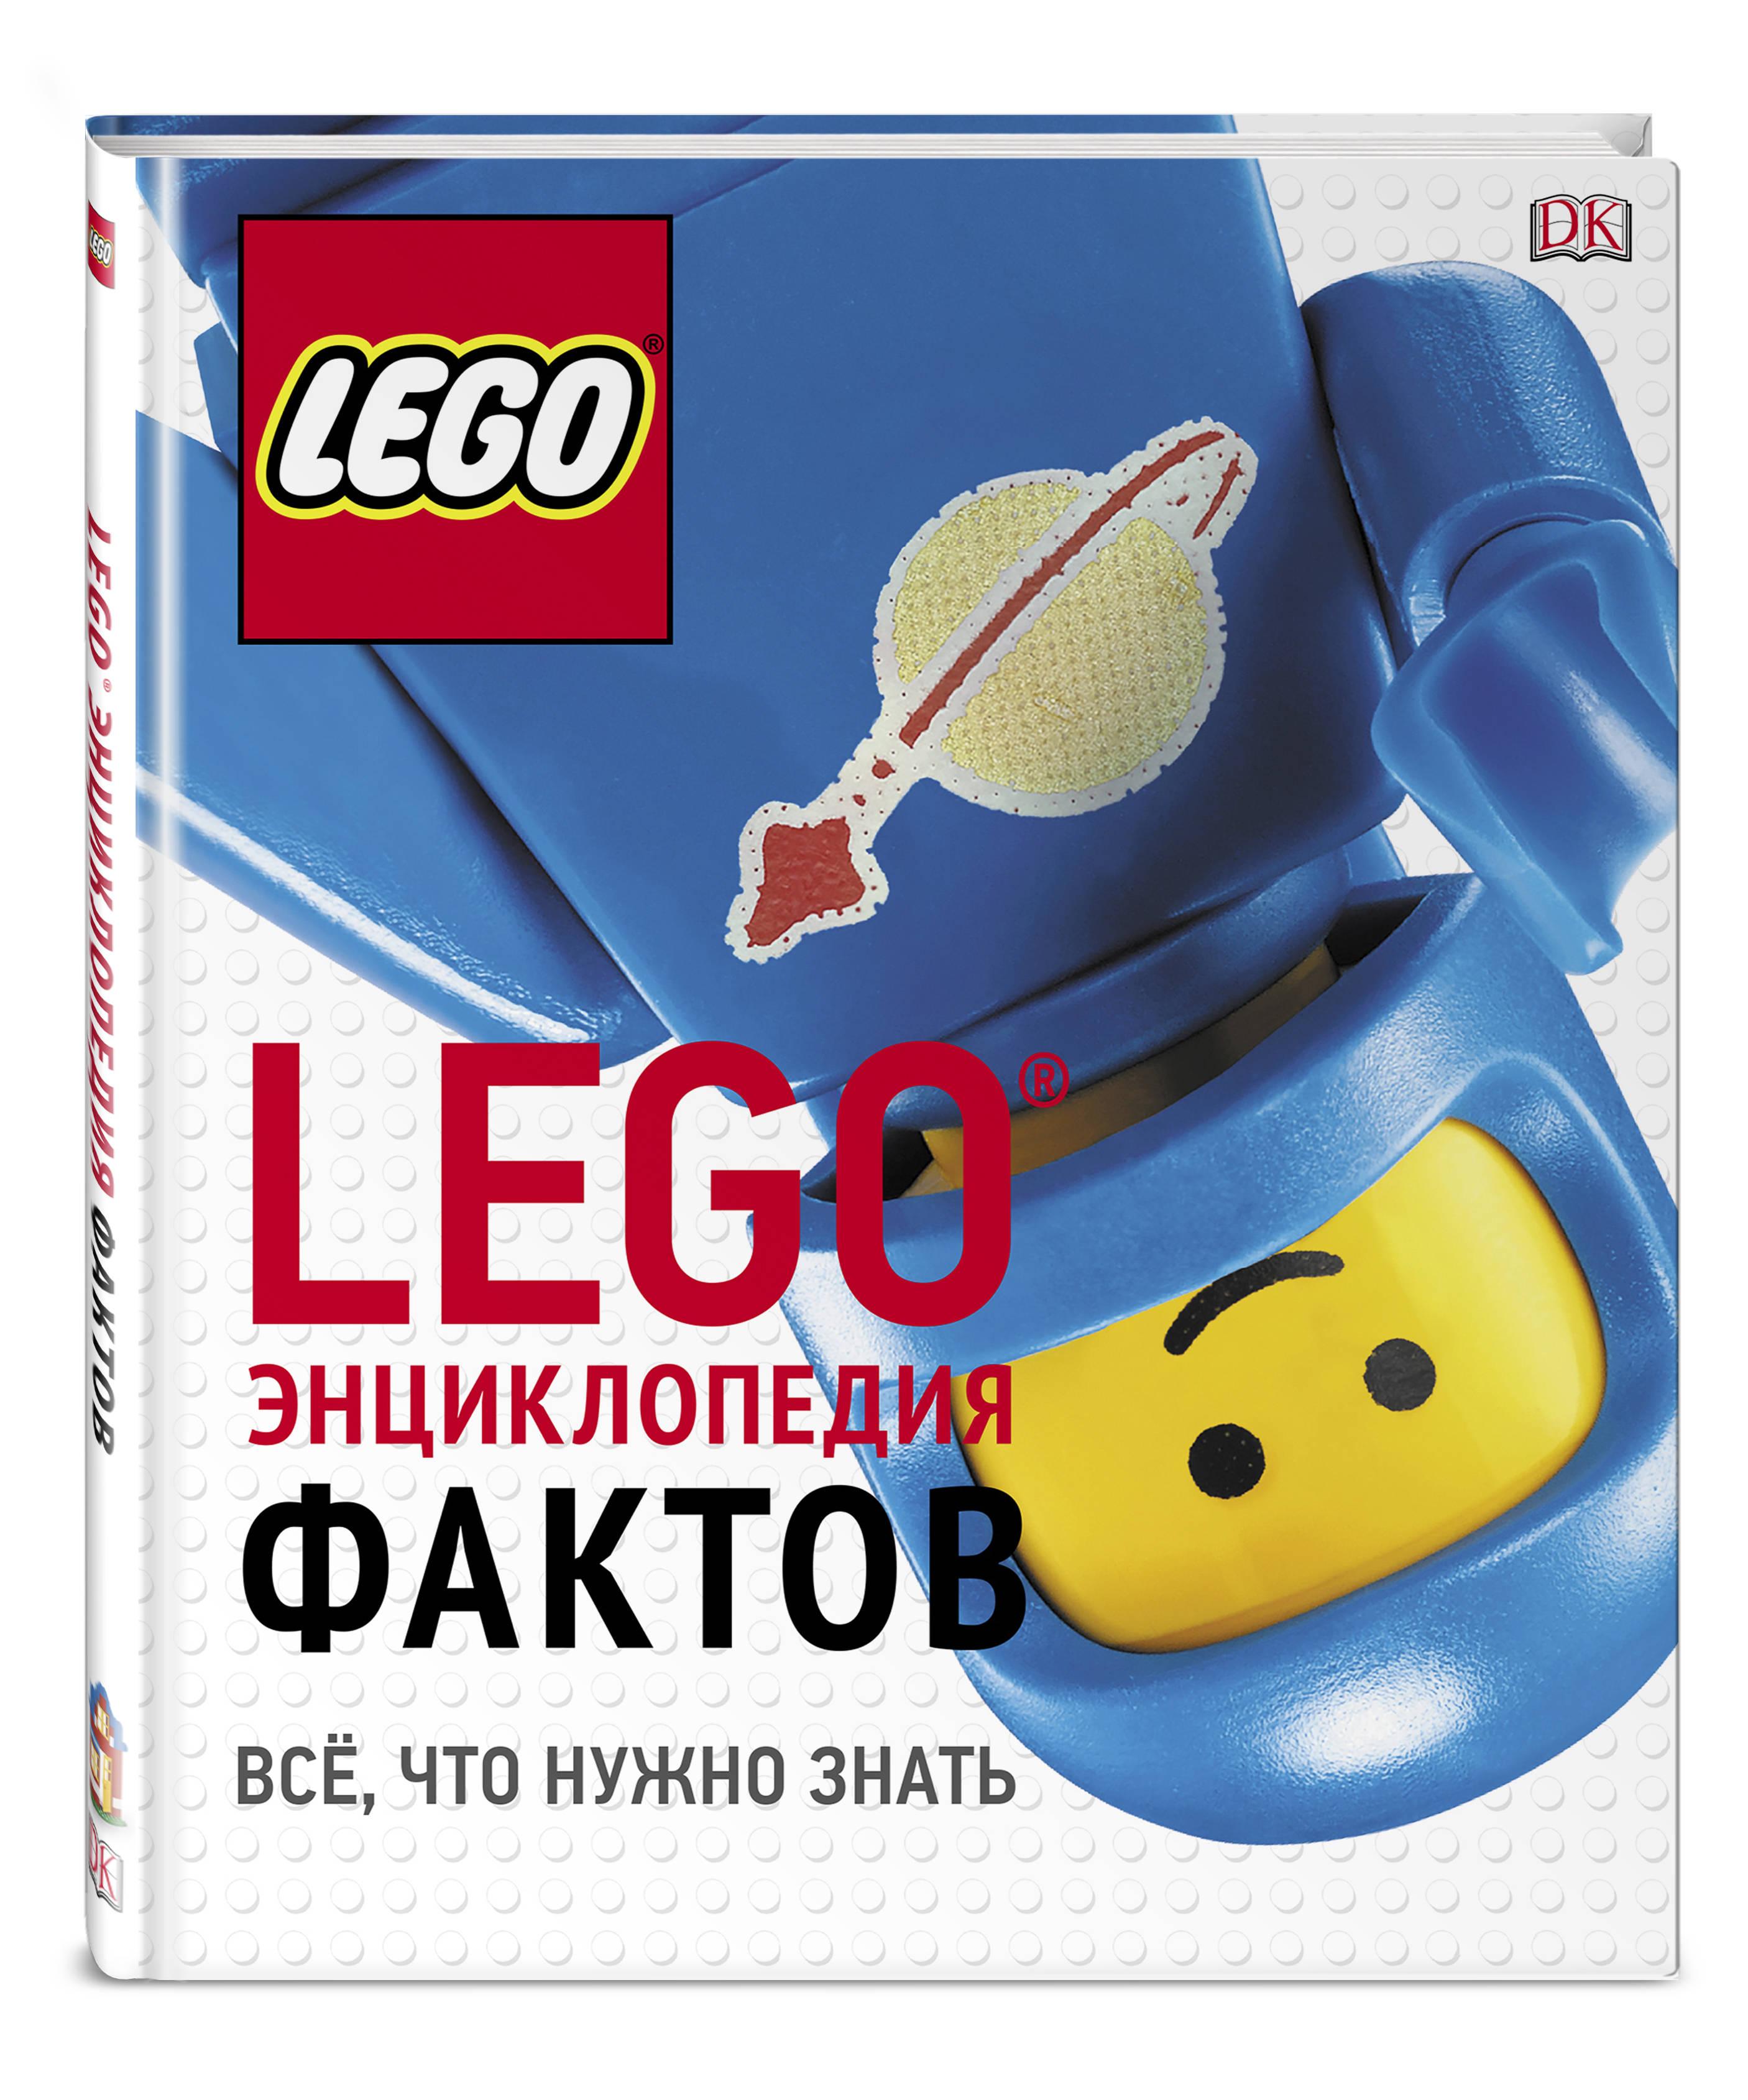 LEGO Энциклопедия фактов